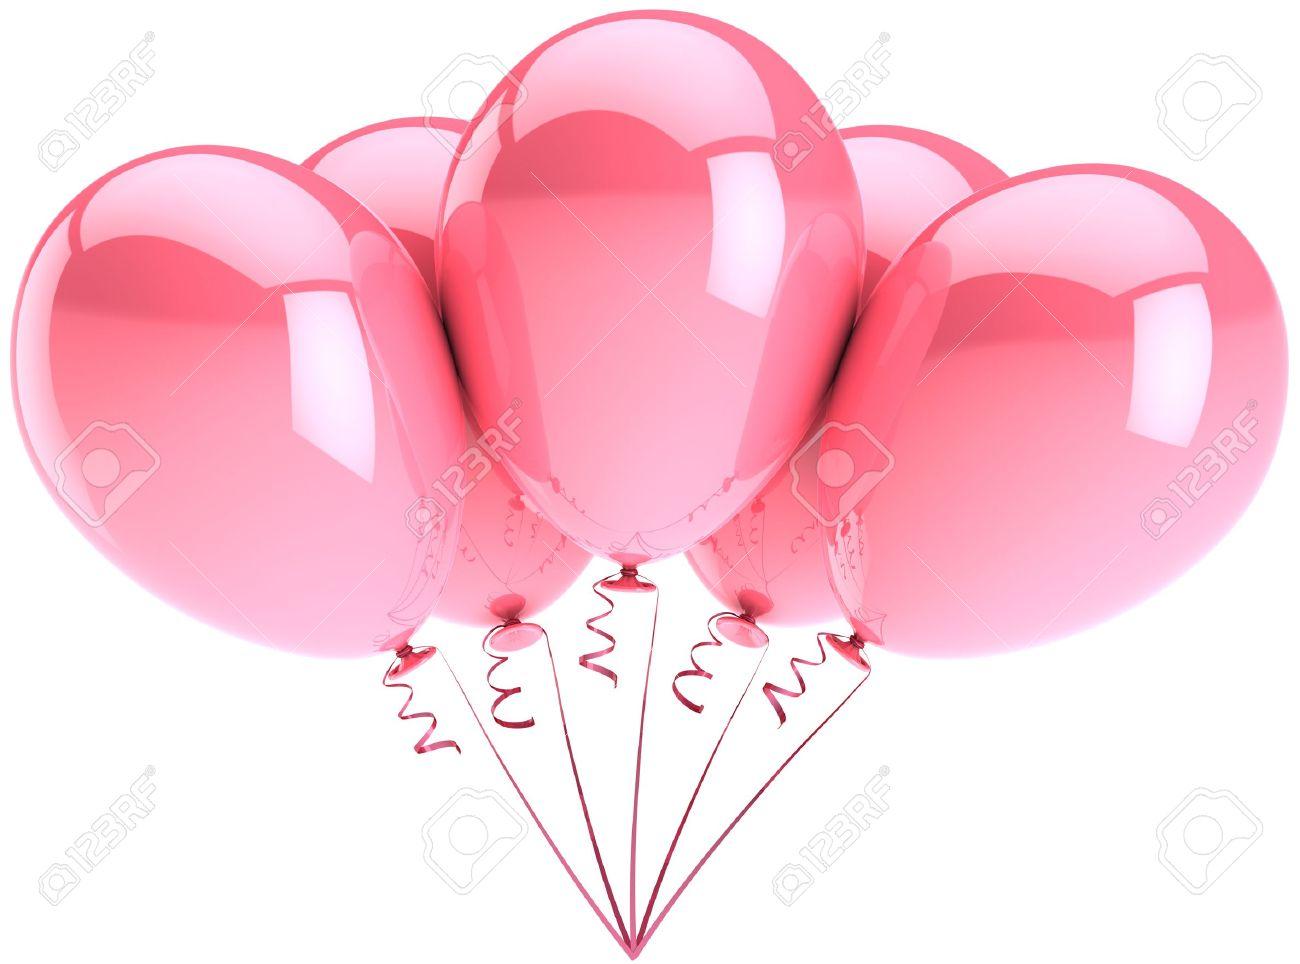 Partei Ballons Funf Rosa Gefarbt Romantische Hochzeit Geburtstag